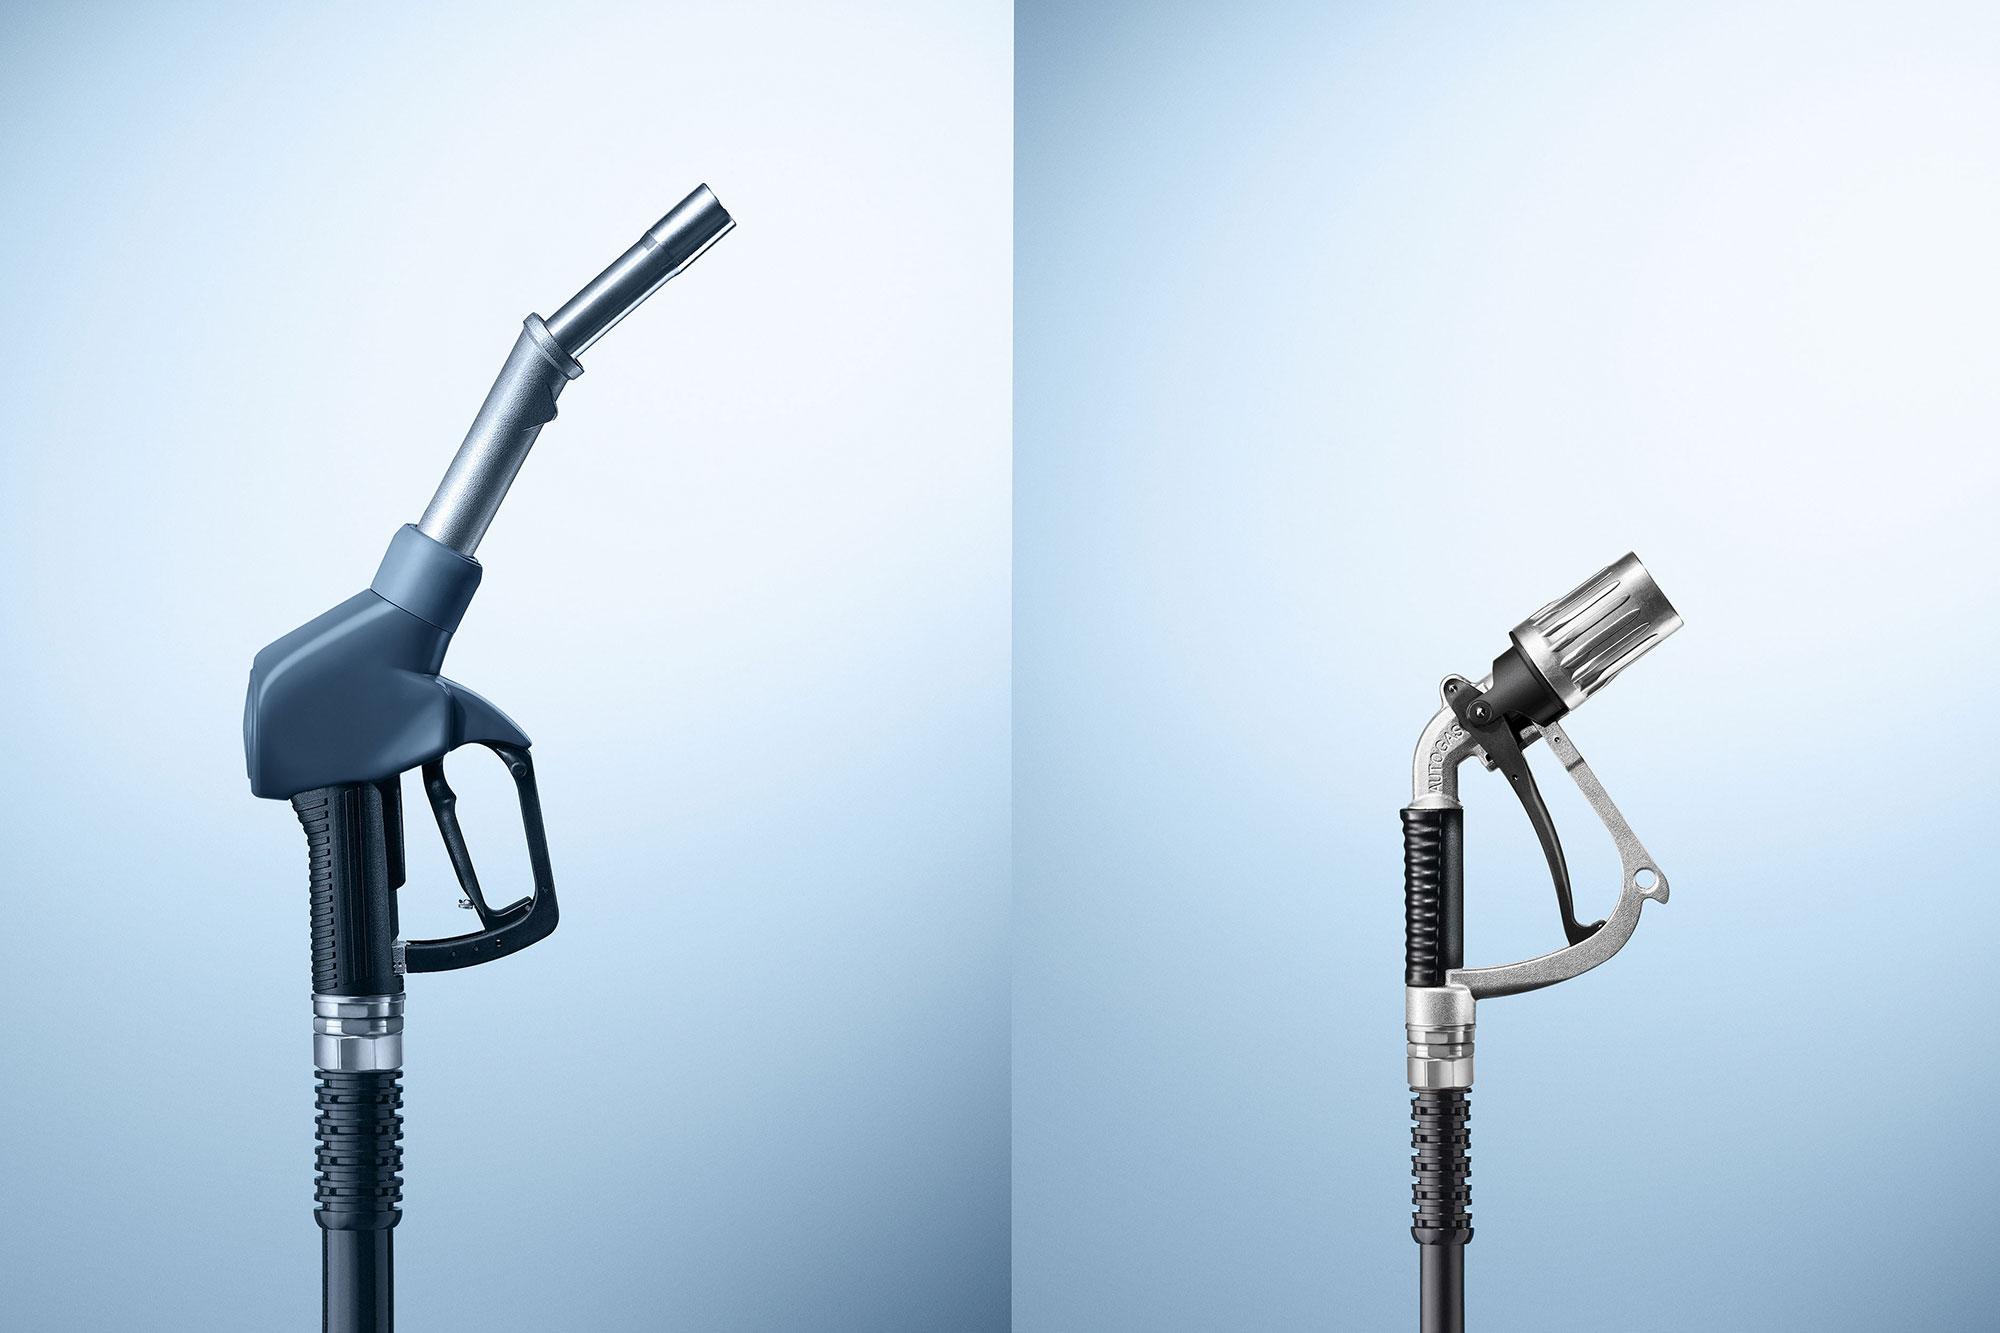 Advertising Mercedes Benz Services LPG Flüssiggas Nachrüstung Zapfhahn Benzin Still life Idris Kolodziej